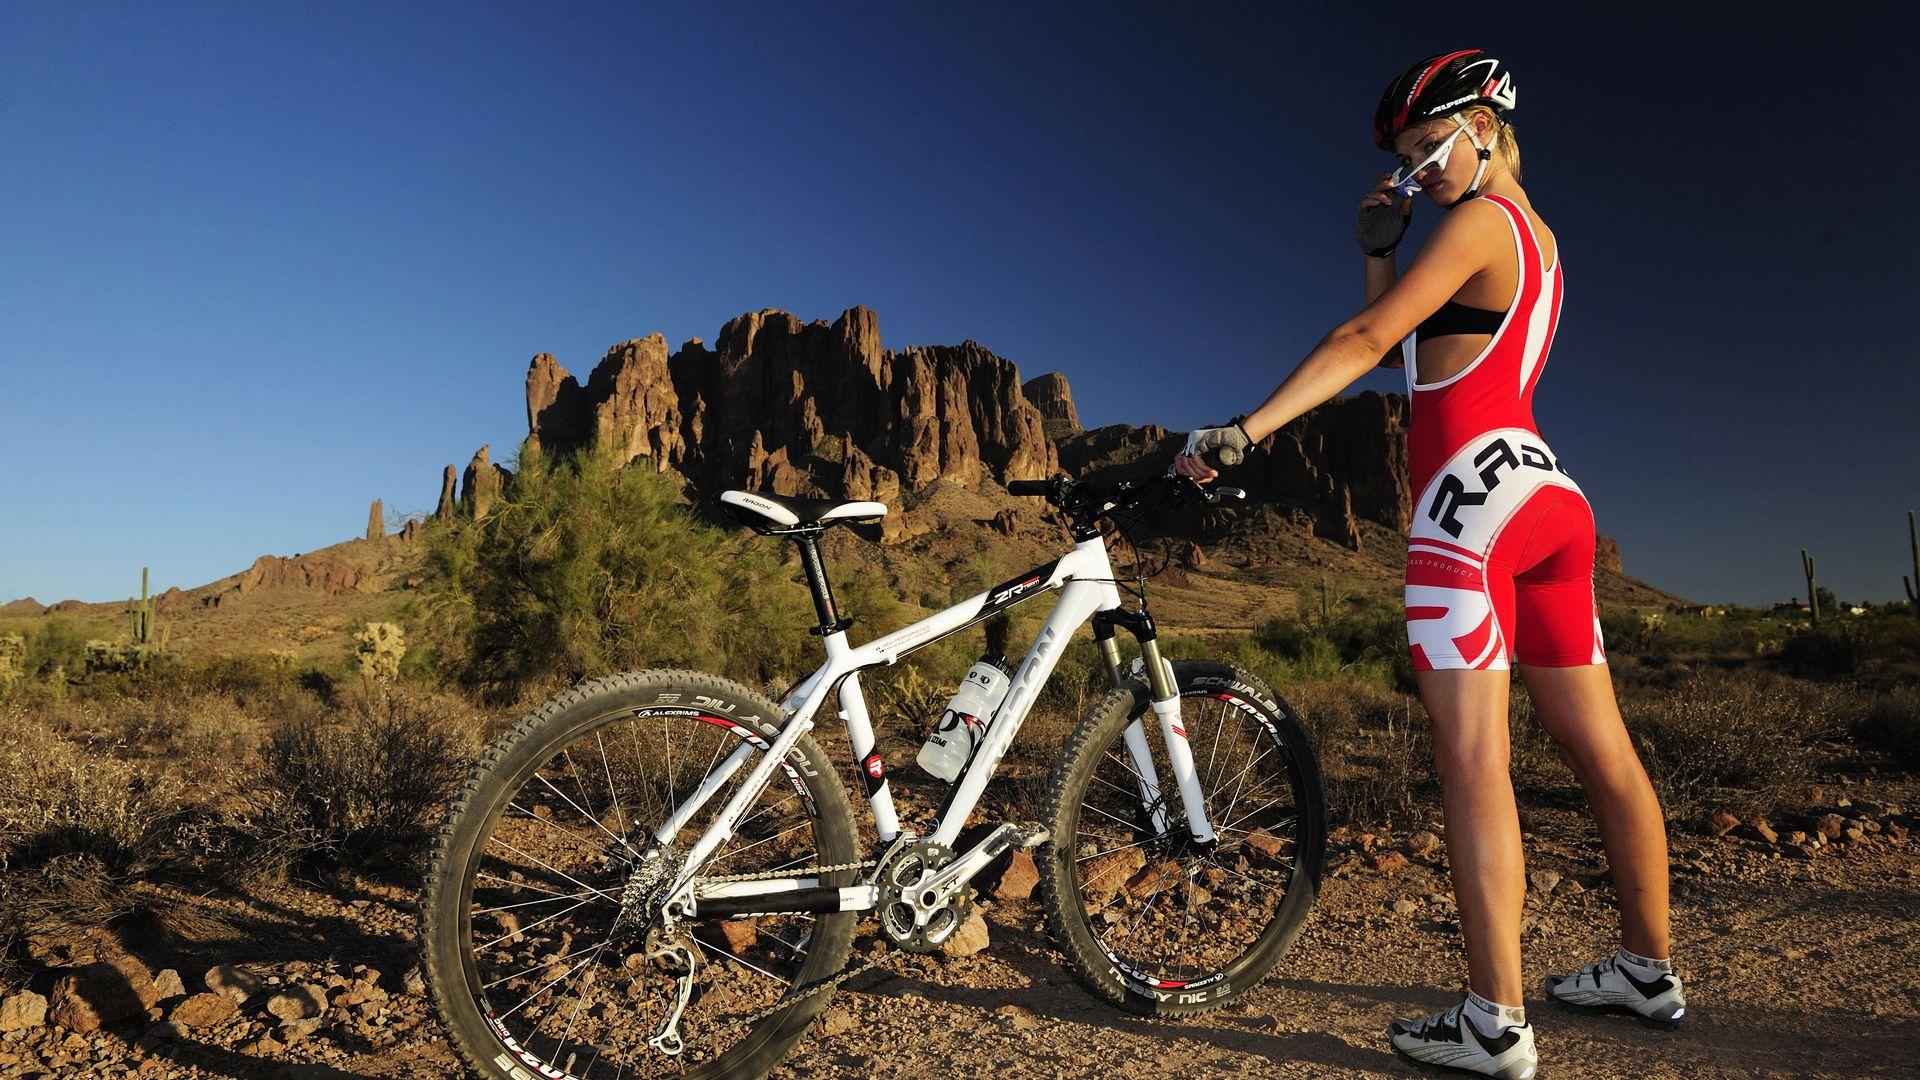 Mountain Bike Girls Wallpaper Mountain Bike Girls Mountain Bike